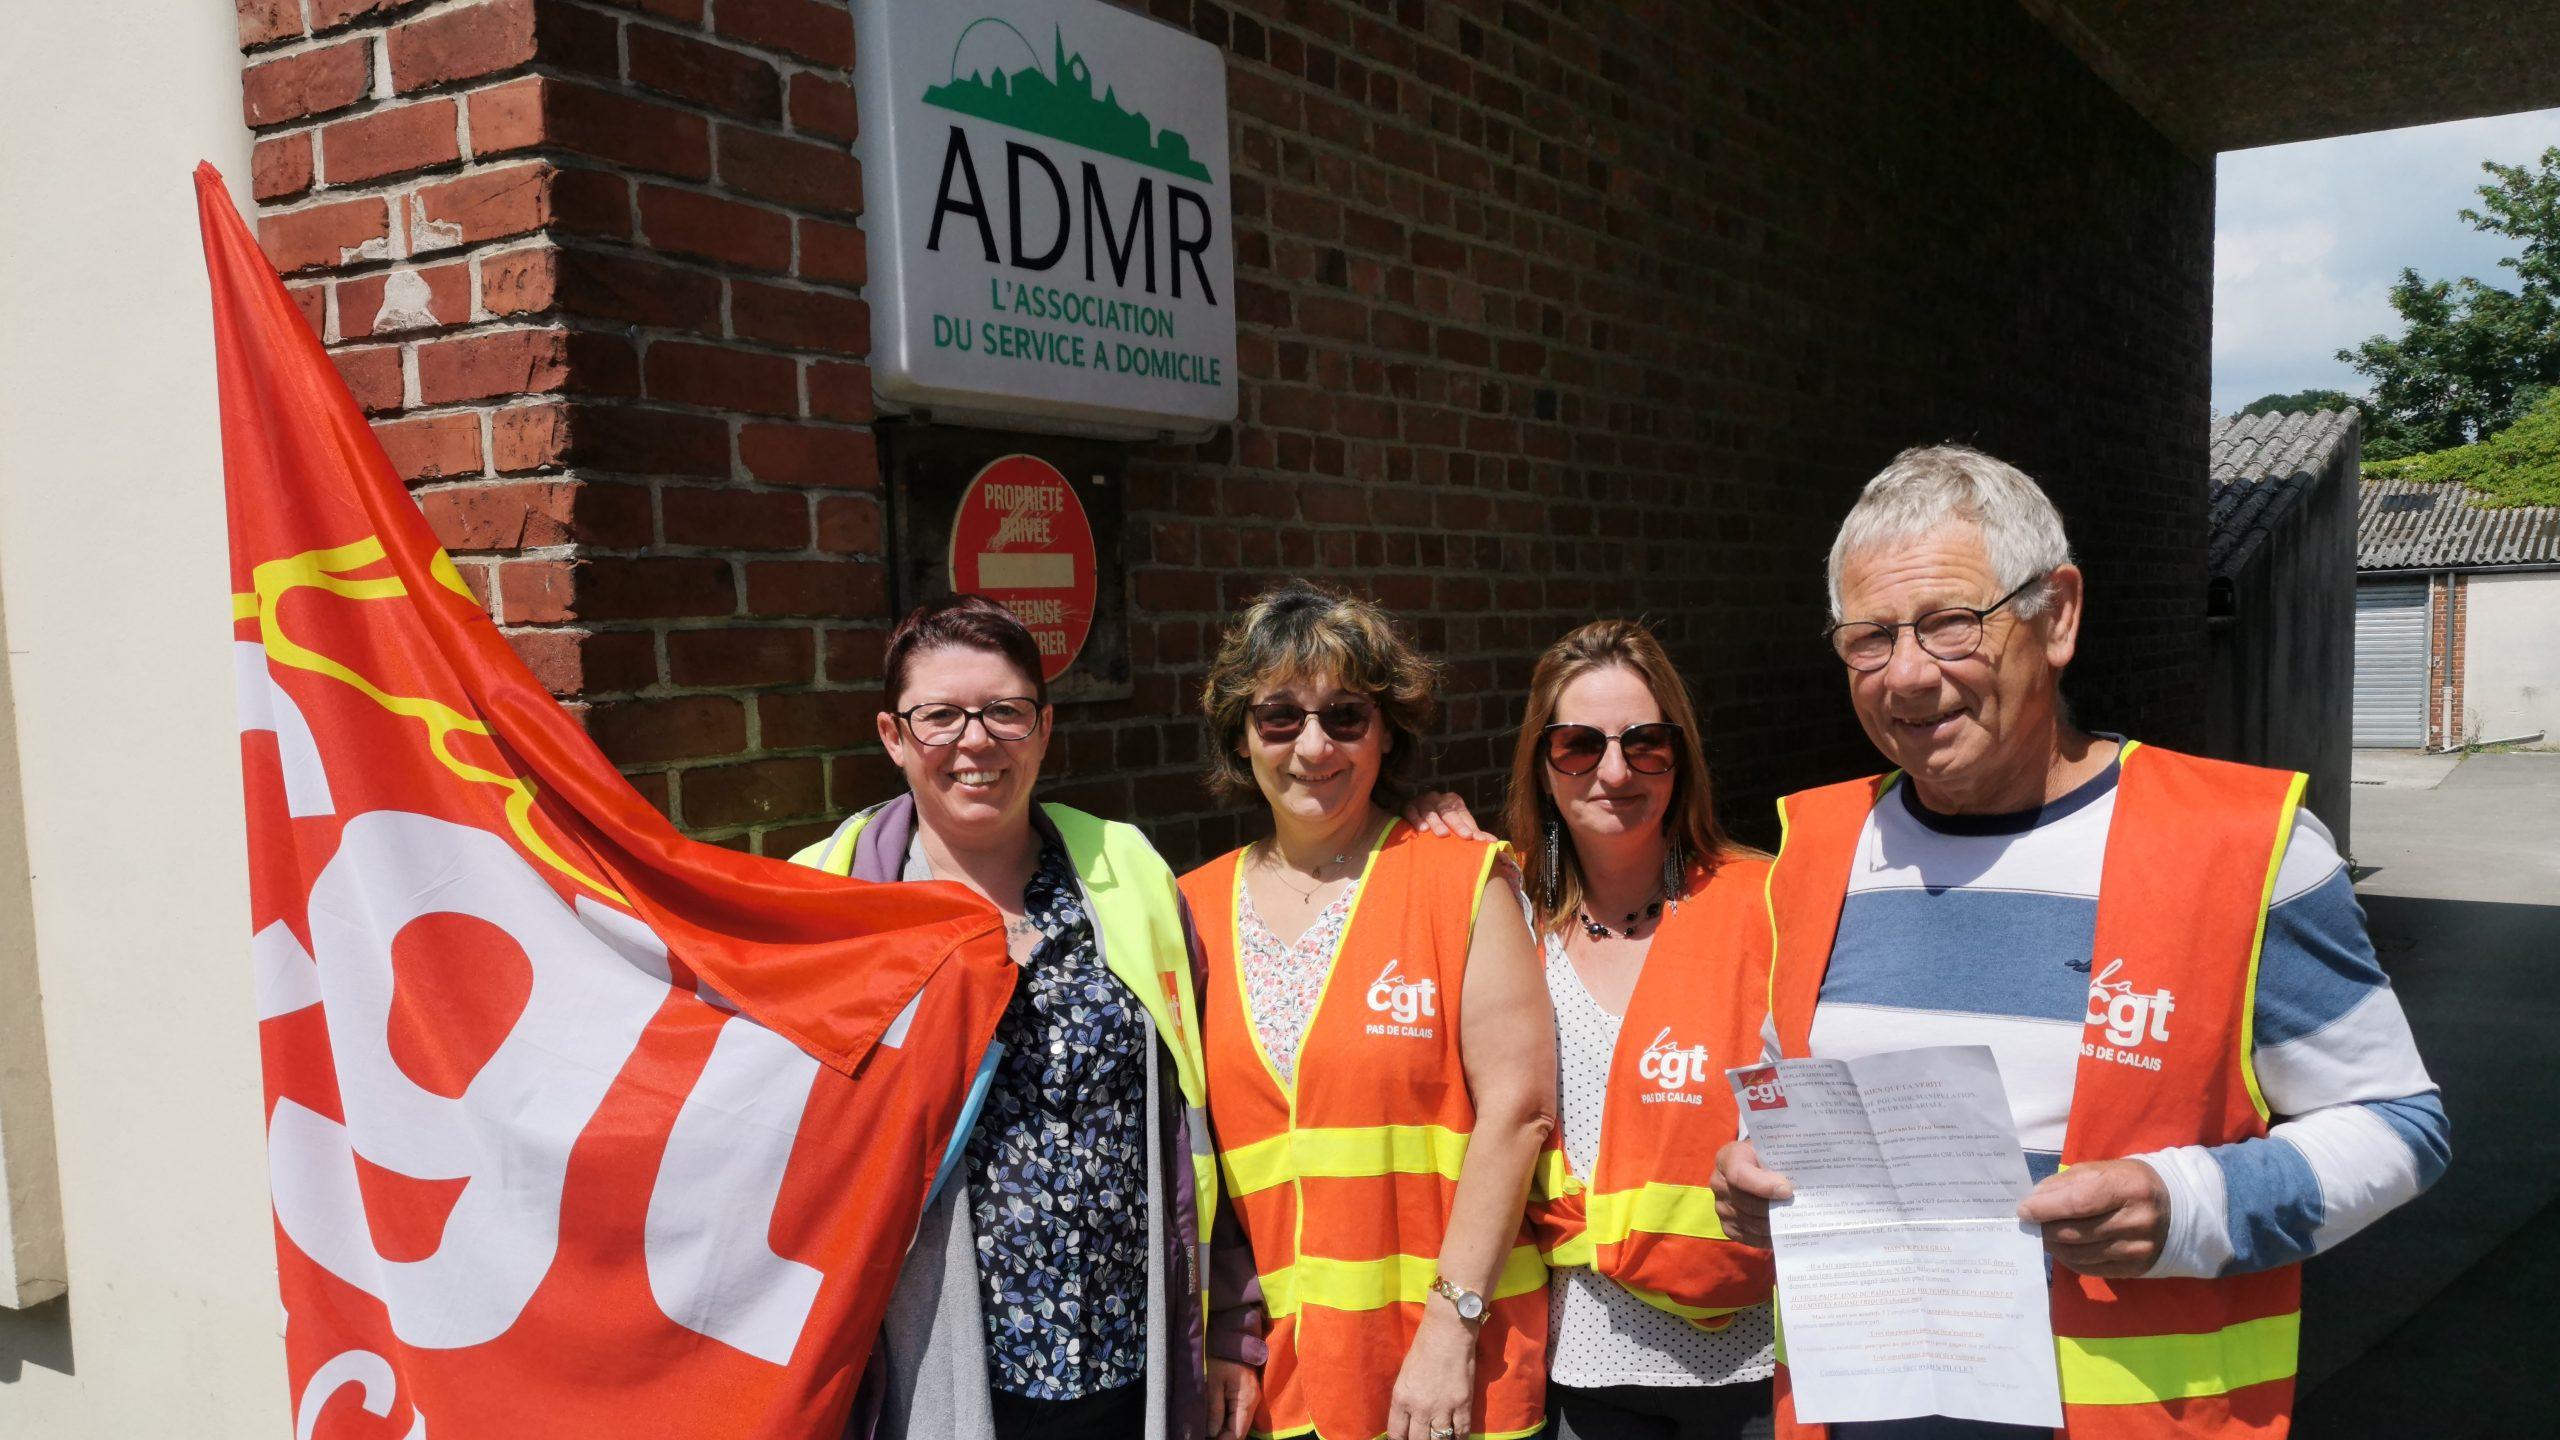 À l'ADMR de Saint-Pol, la lutte continue pour l'indemnisation des trajets des salariés